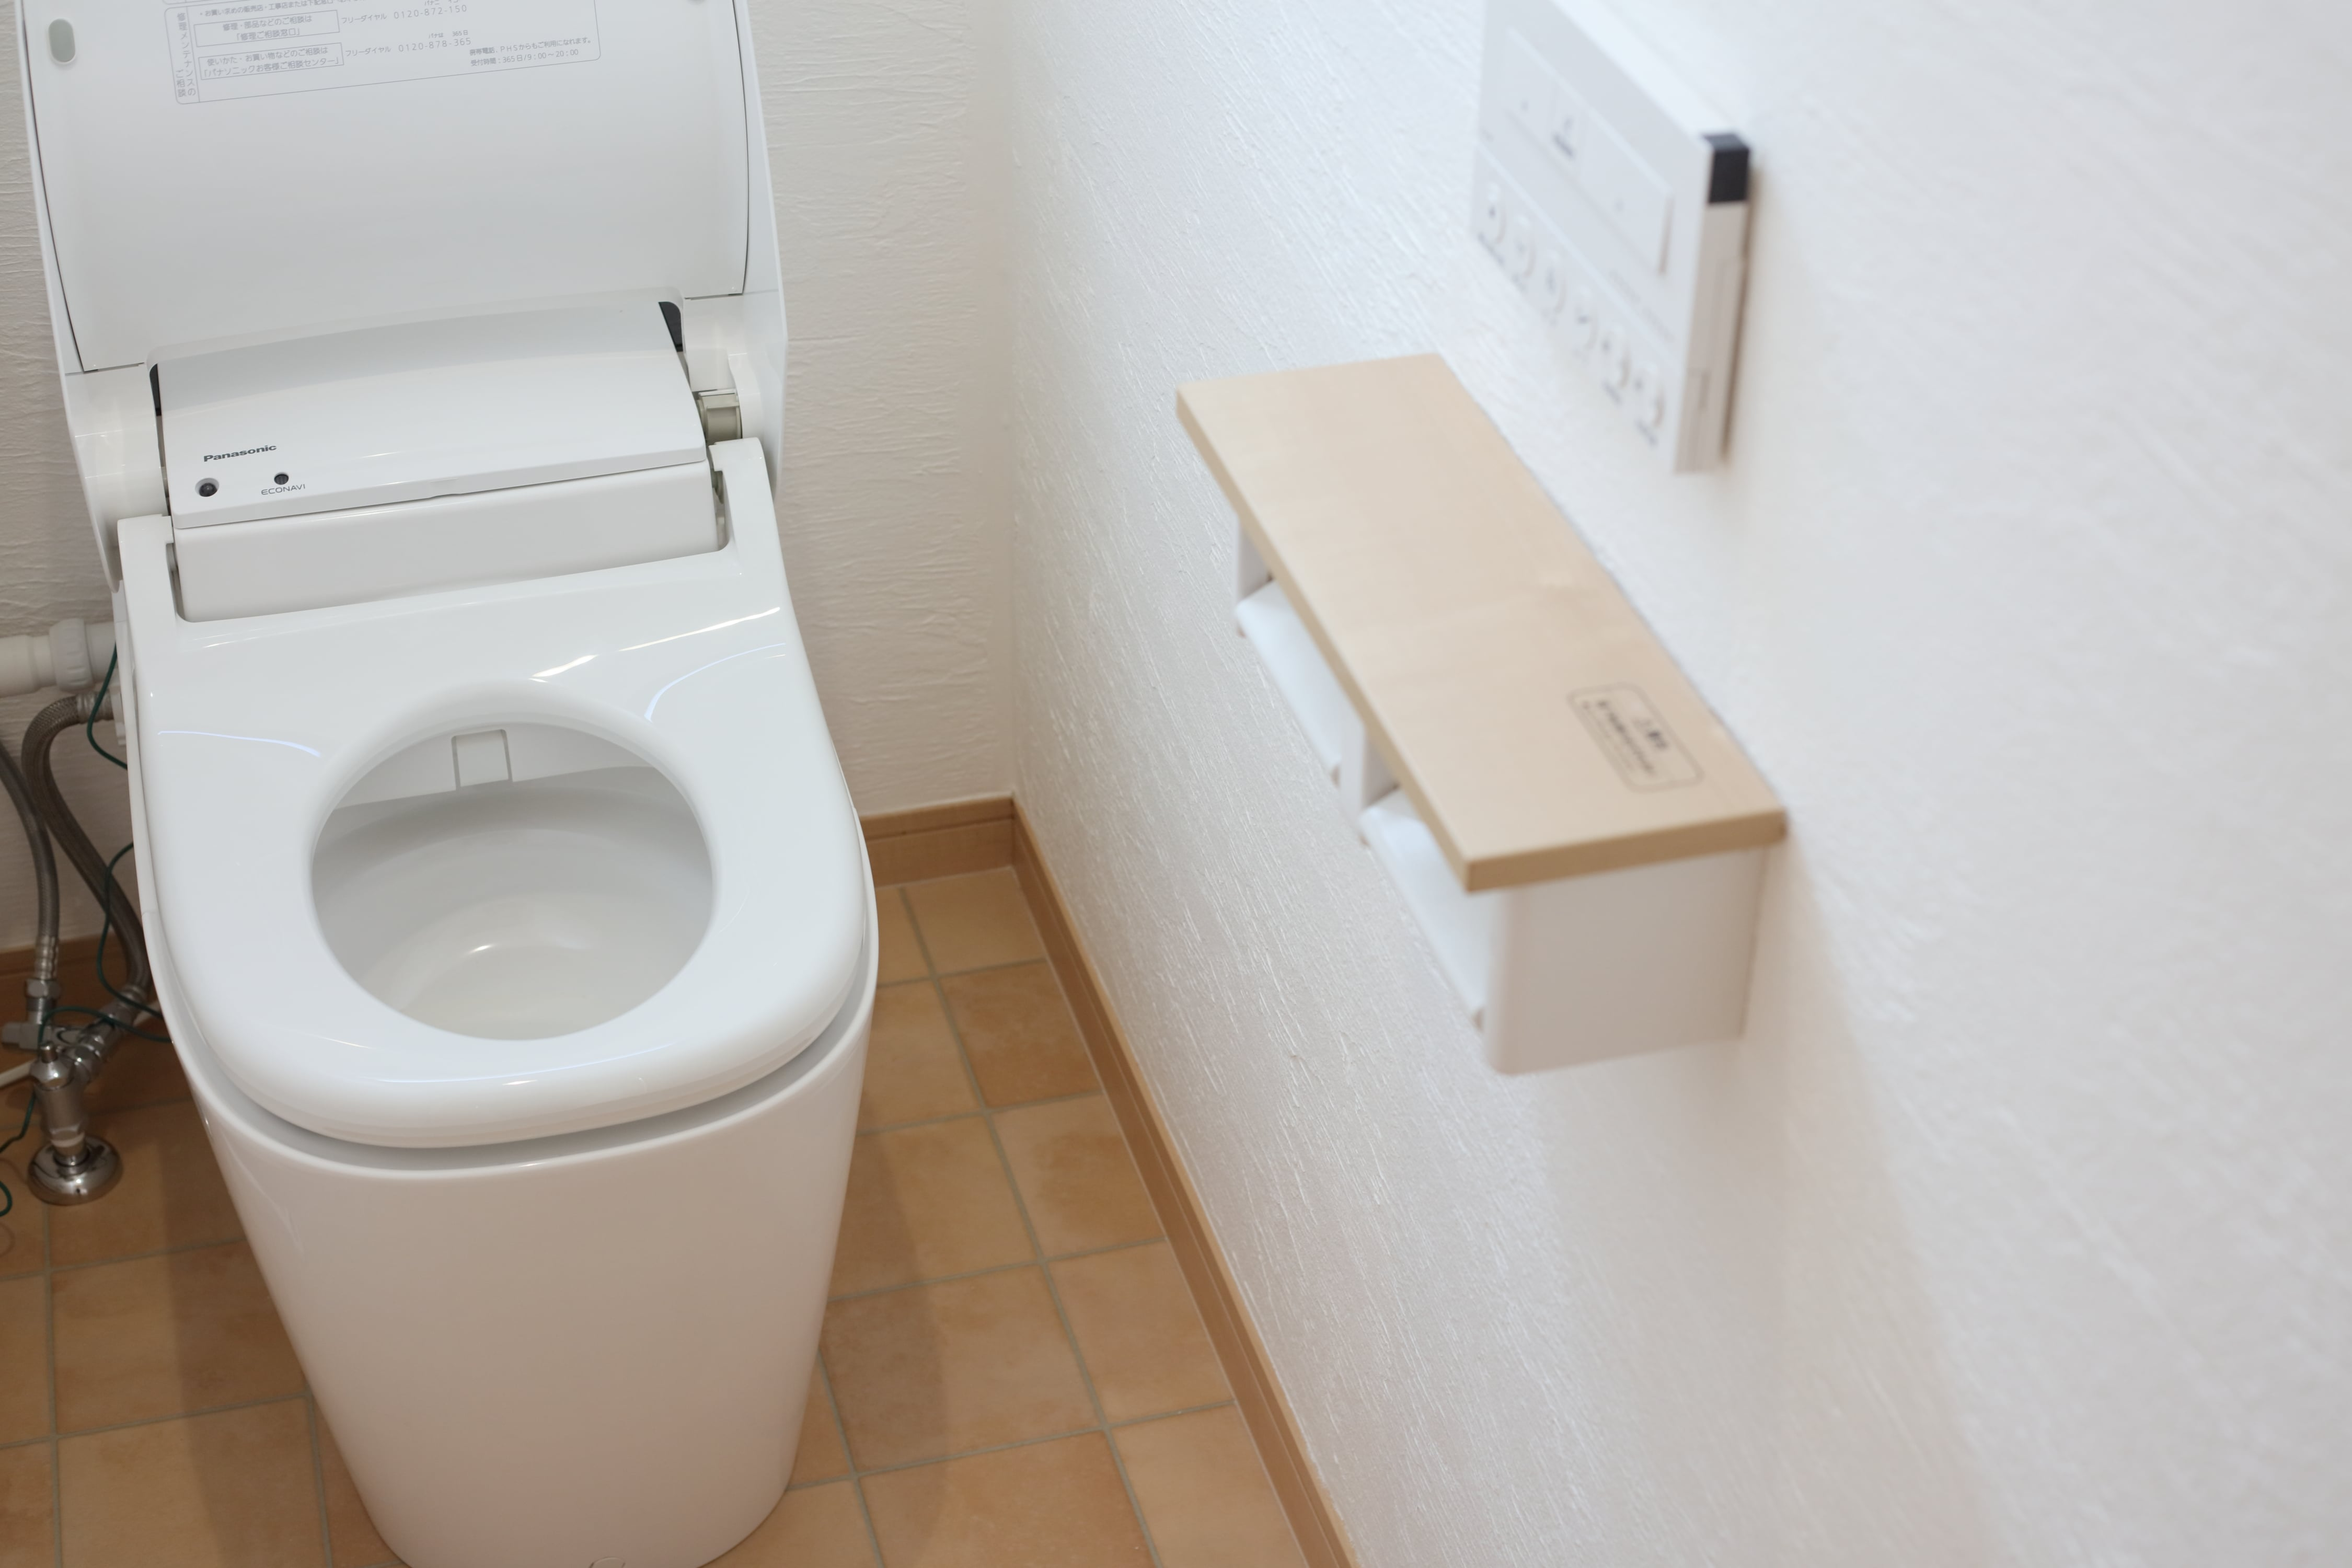 トイレお掃除のイメージその1